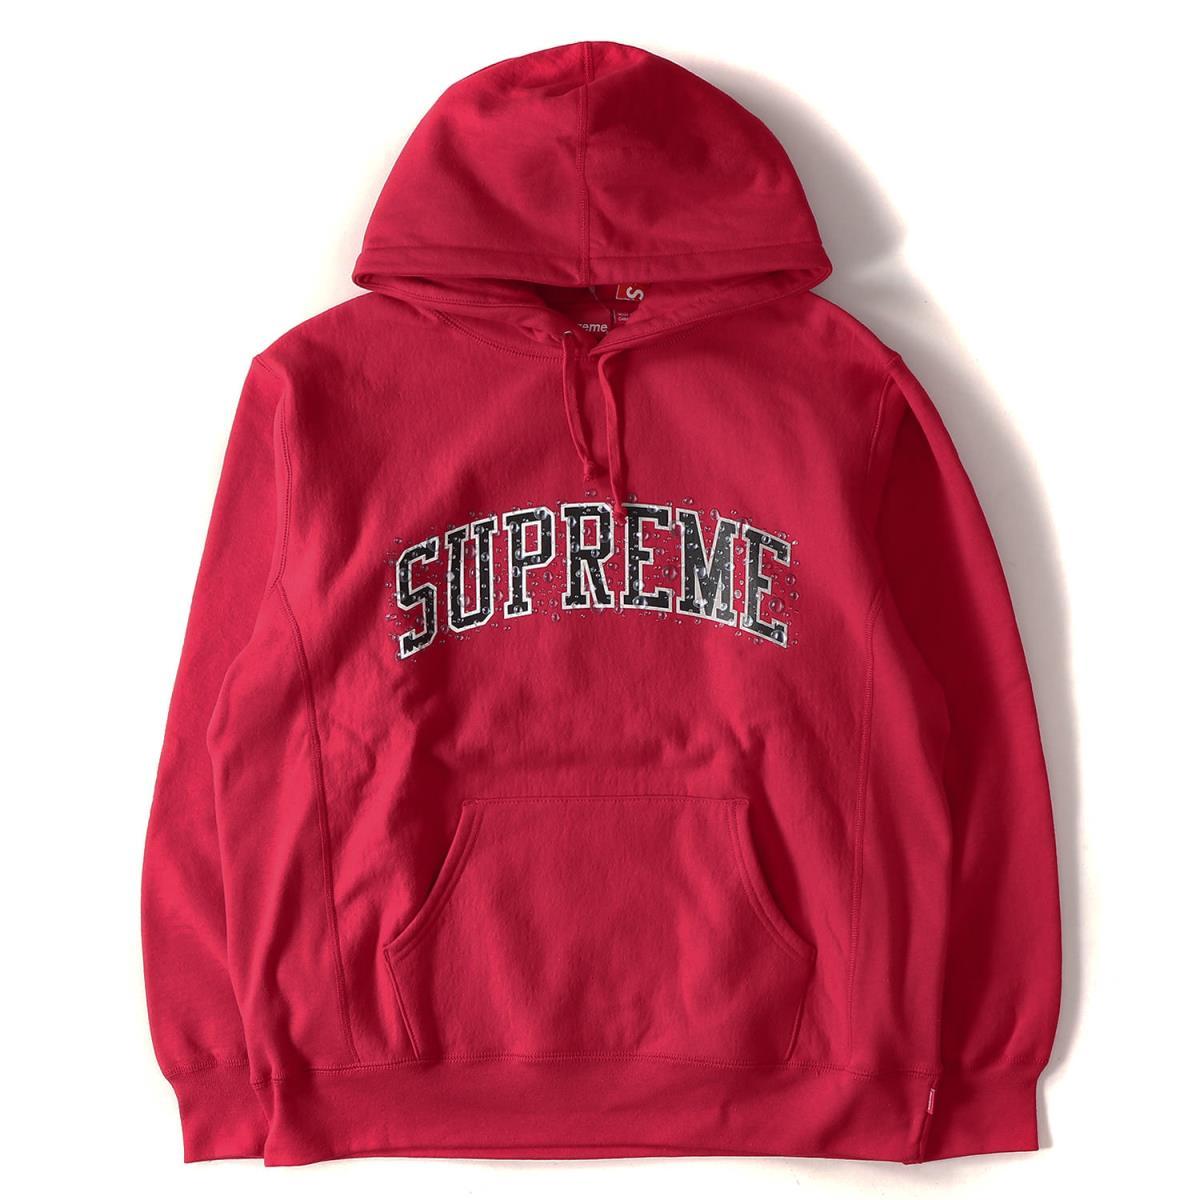 Supreme (シュプリーム) 18A/W ウォーターアーチロゴスウェットパーカー(Water Arc Hooded Sweatshirt) レッド XL 【メンズ】【K2093】【あす楽☆対応可】